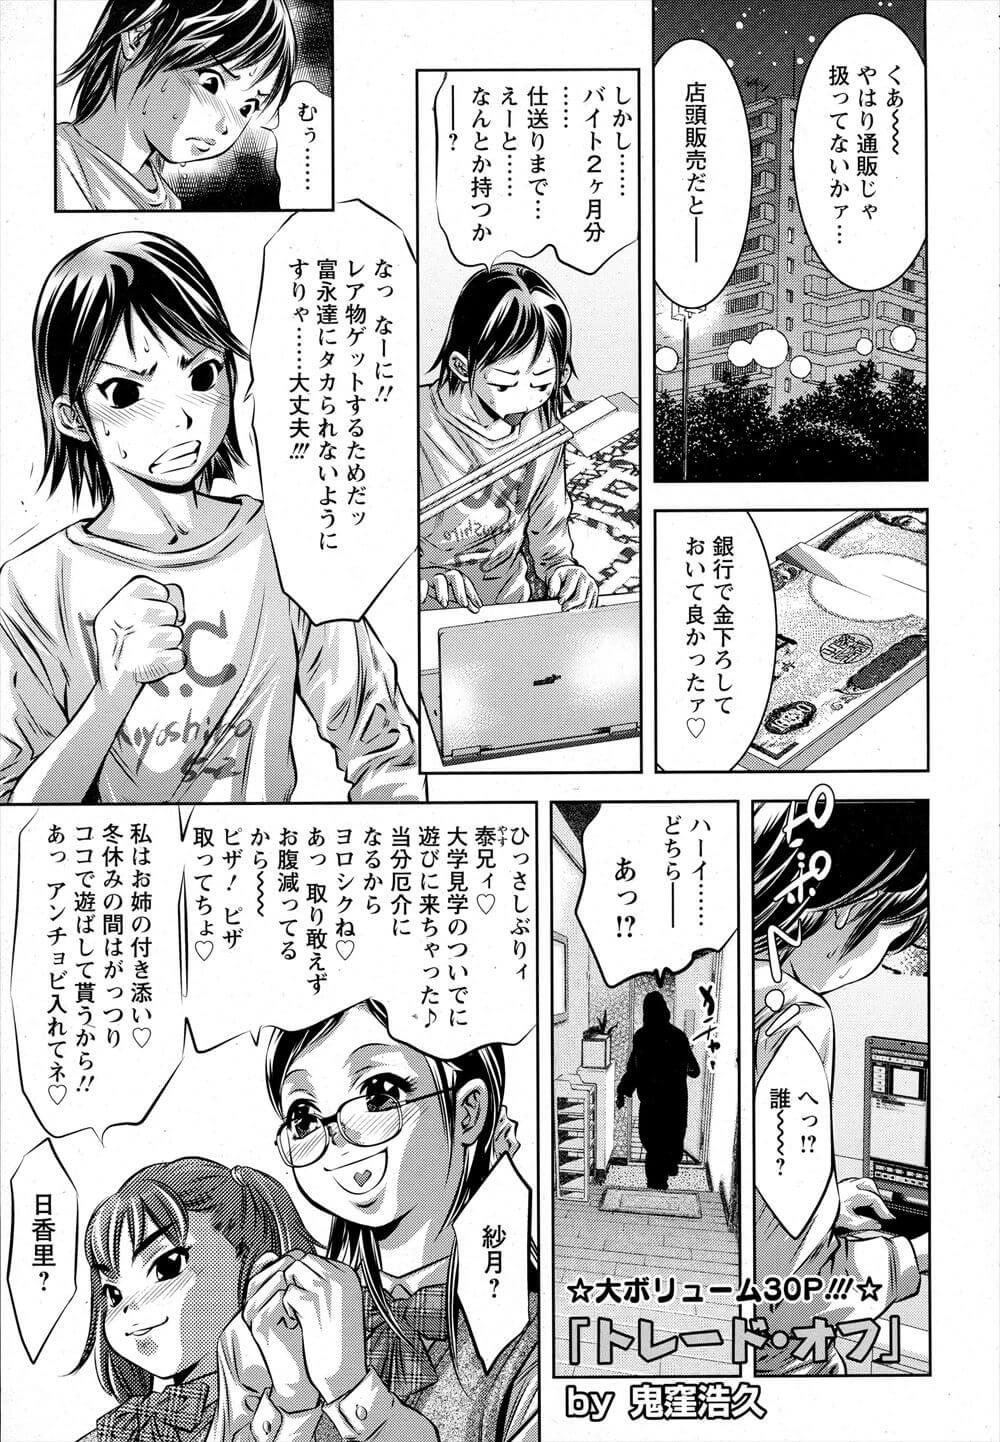 【エロ漫画】泰兄の家にJKで眼鏡っ子の紗月と日香里が遊ばせてもらうと家に来ると、お金を取られ2人はタダでとは言わないと言い…【無料 エロ同人】